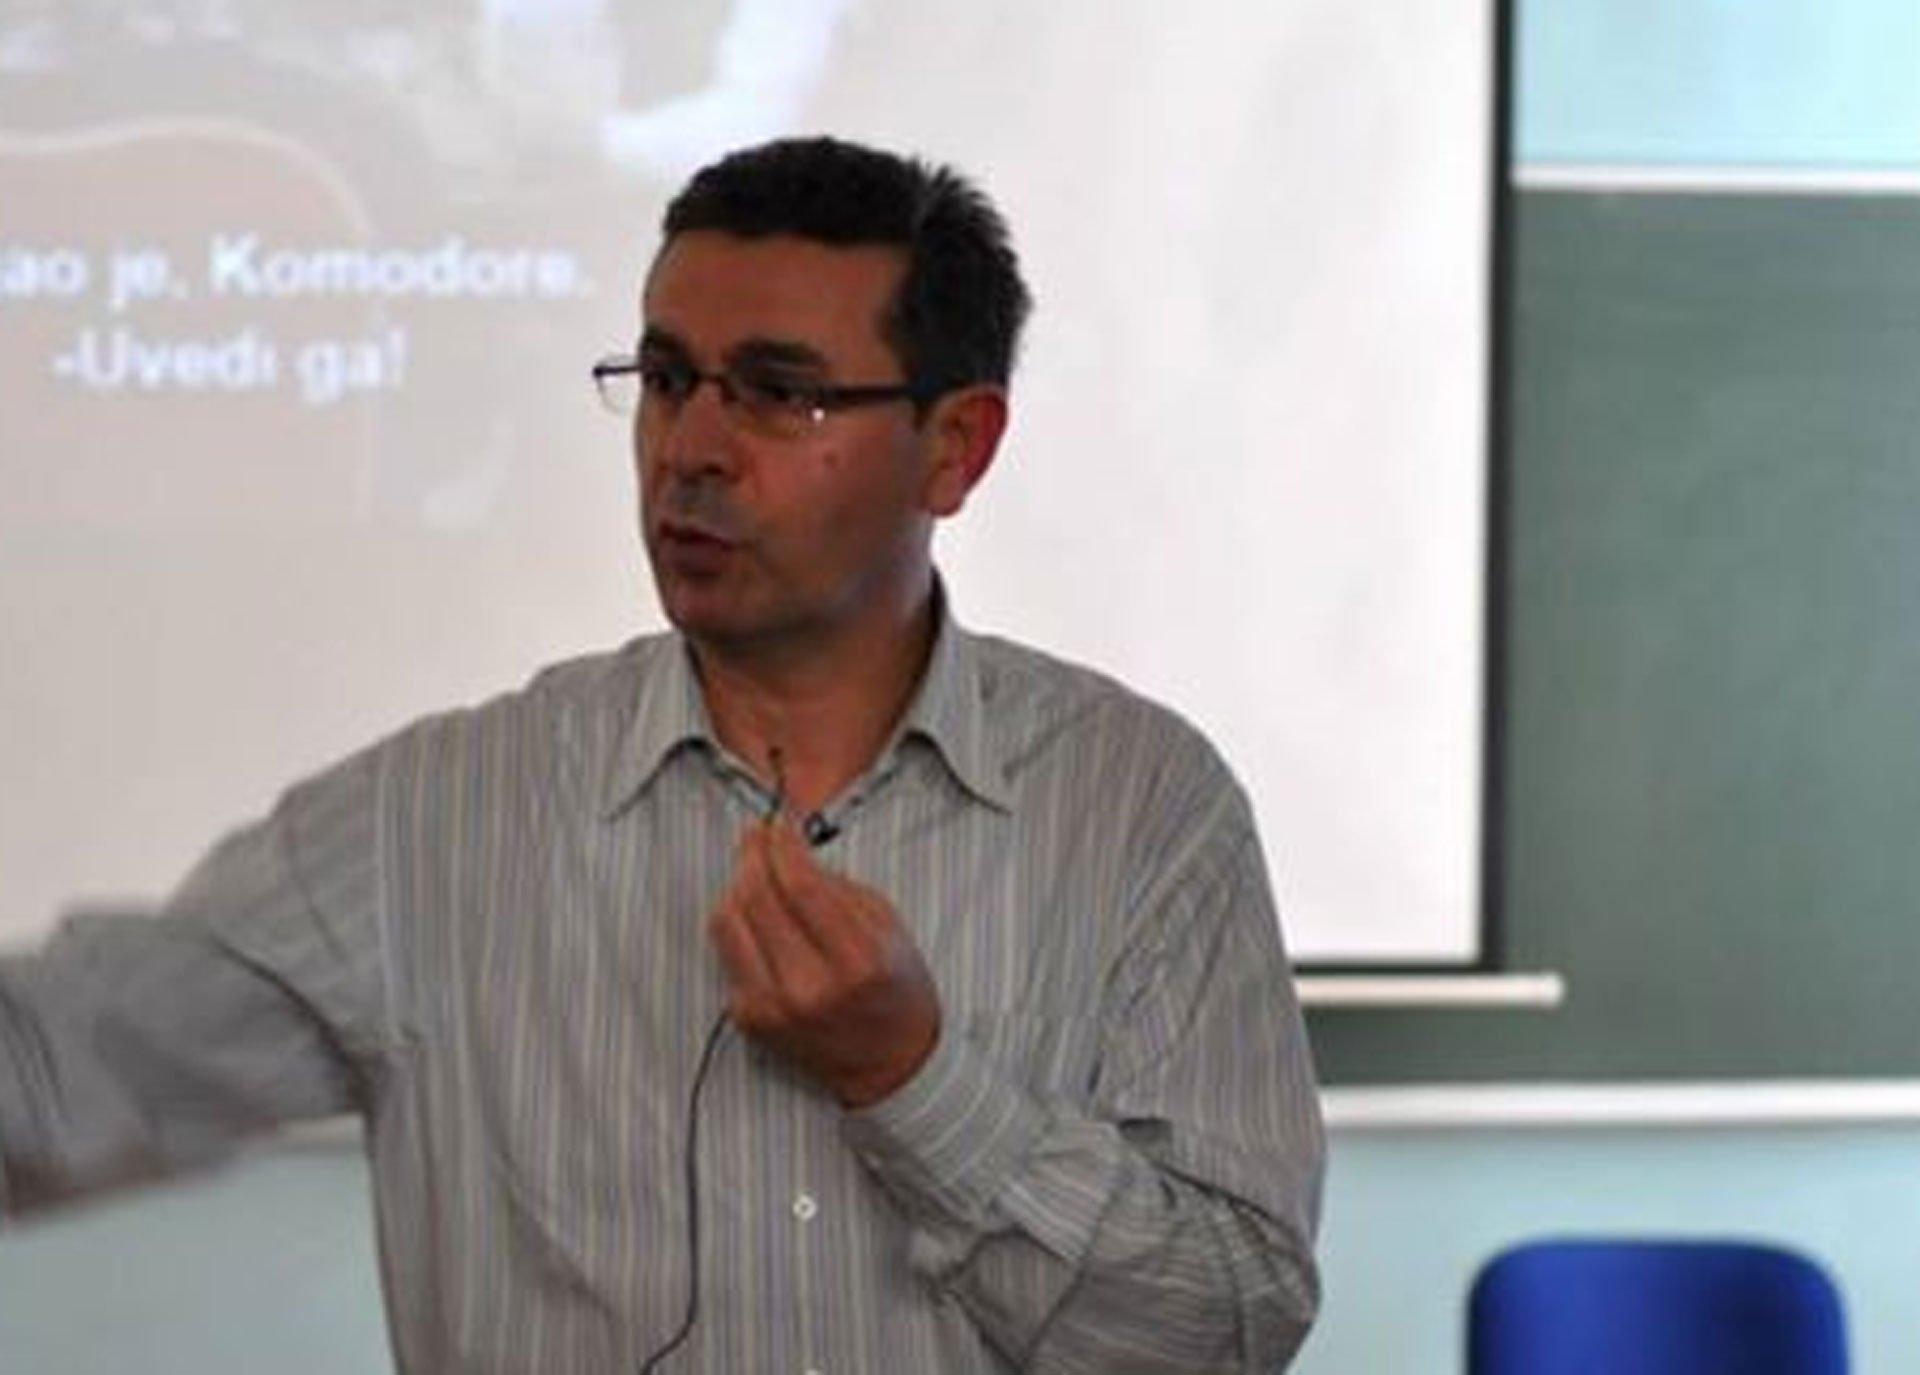 Kasim Tatic